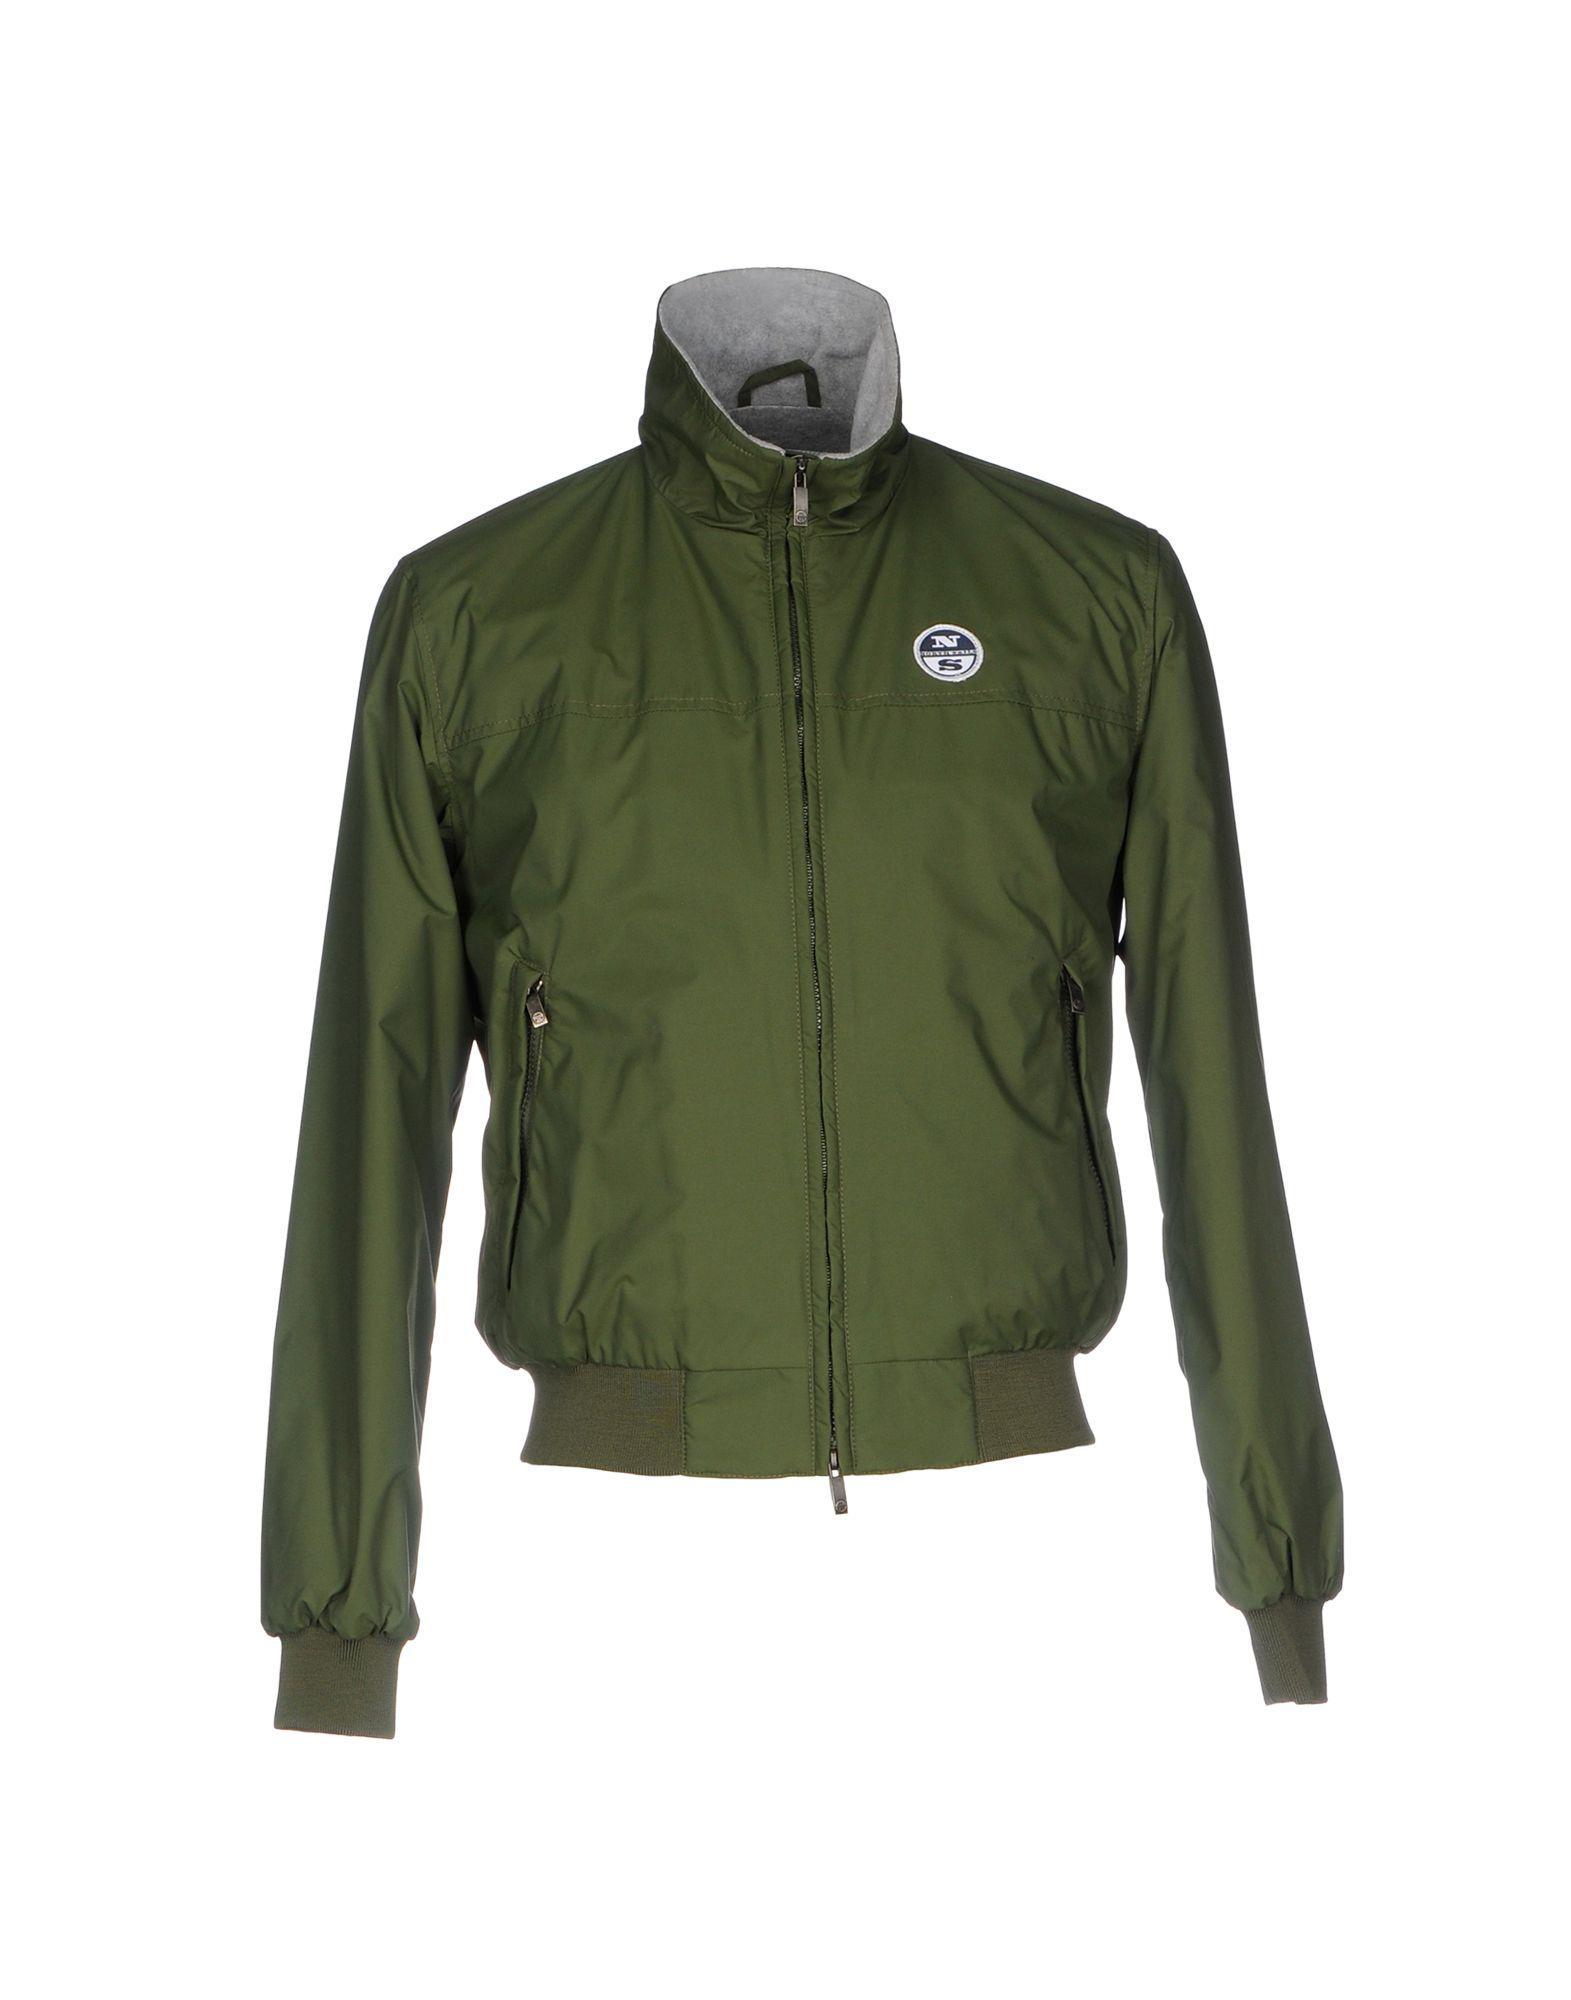 lyst north sails jacket in green for men. Black Bedroom Furniture Sets. Home Design Ideas